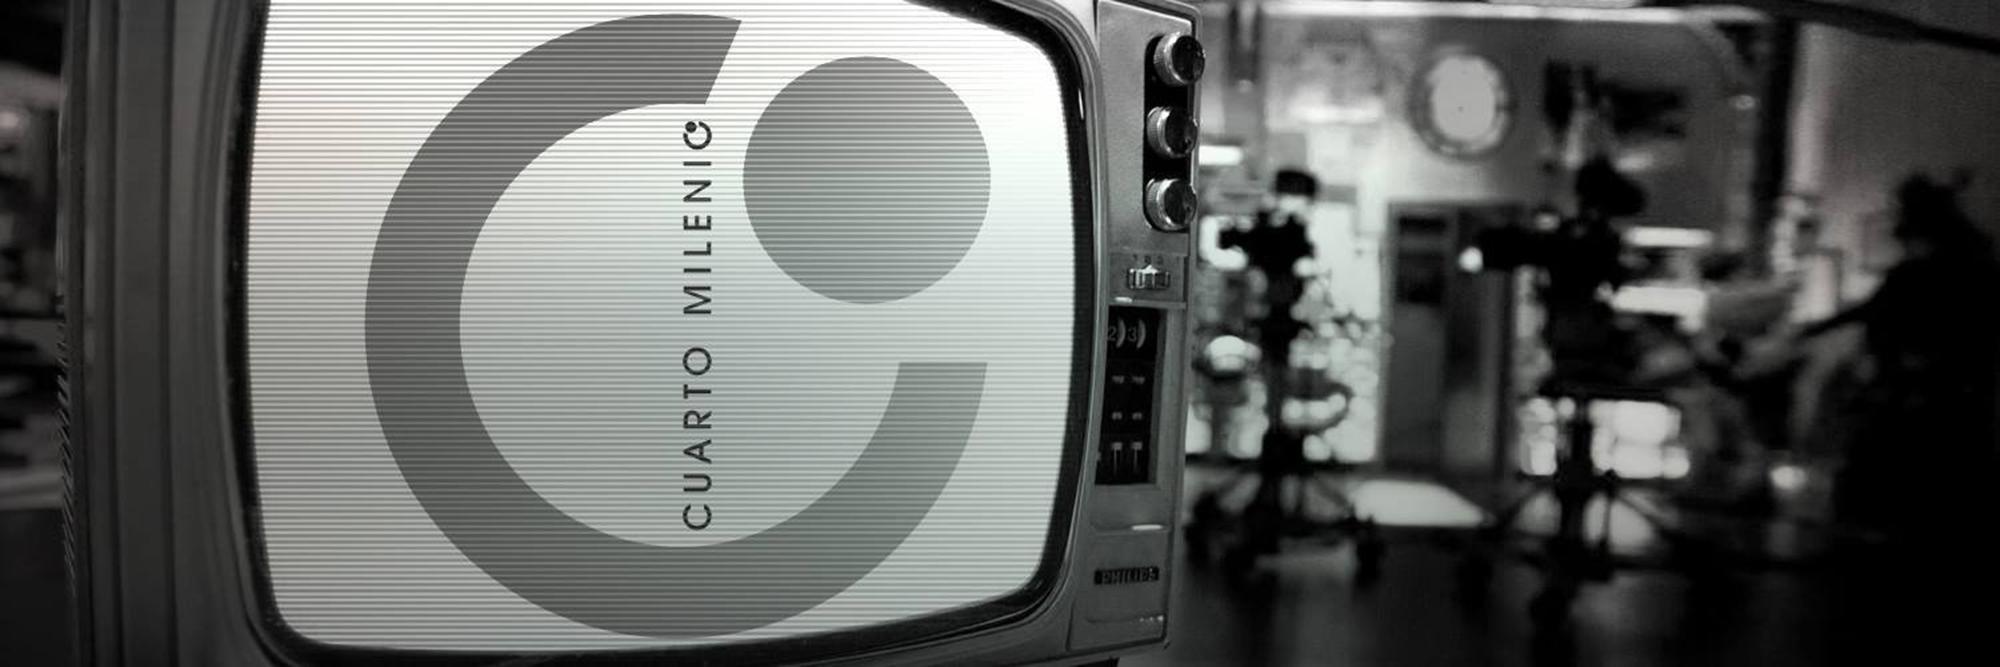 Cuarto milenio la d cima temporada de un programa at pico for Horario de cuarto milenio